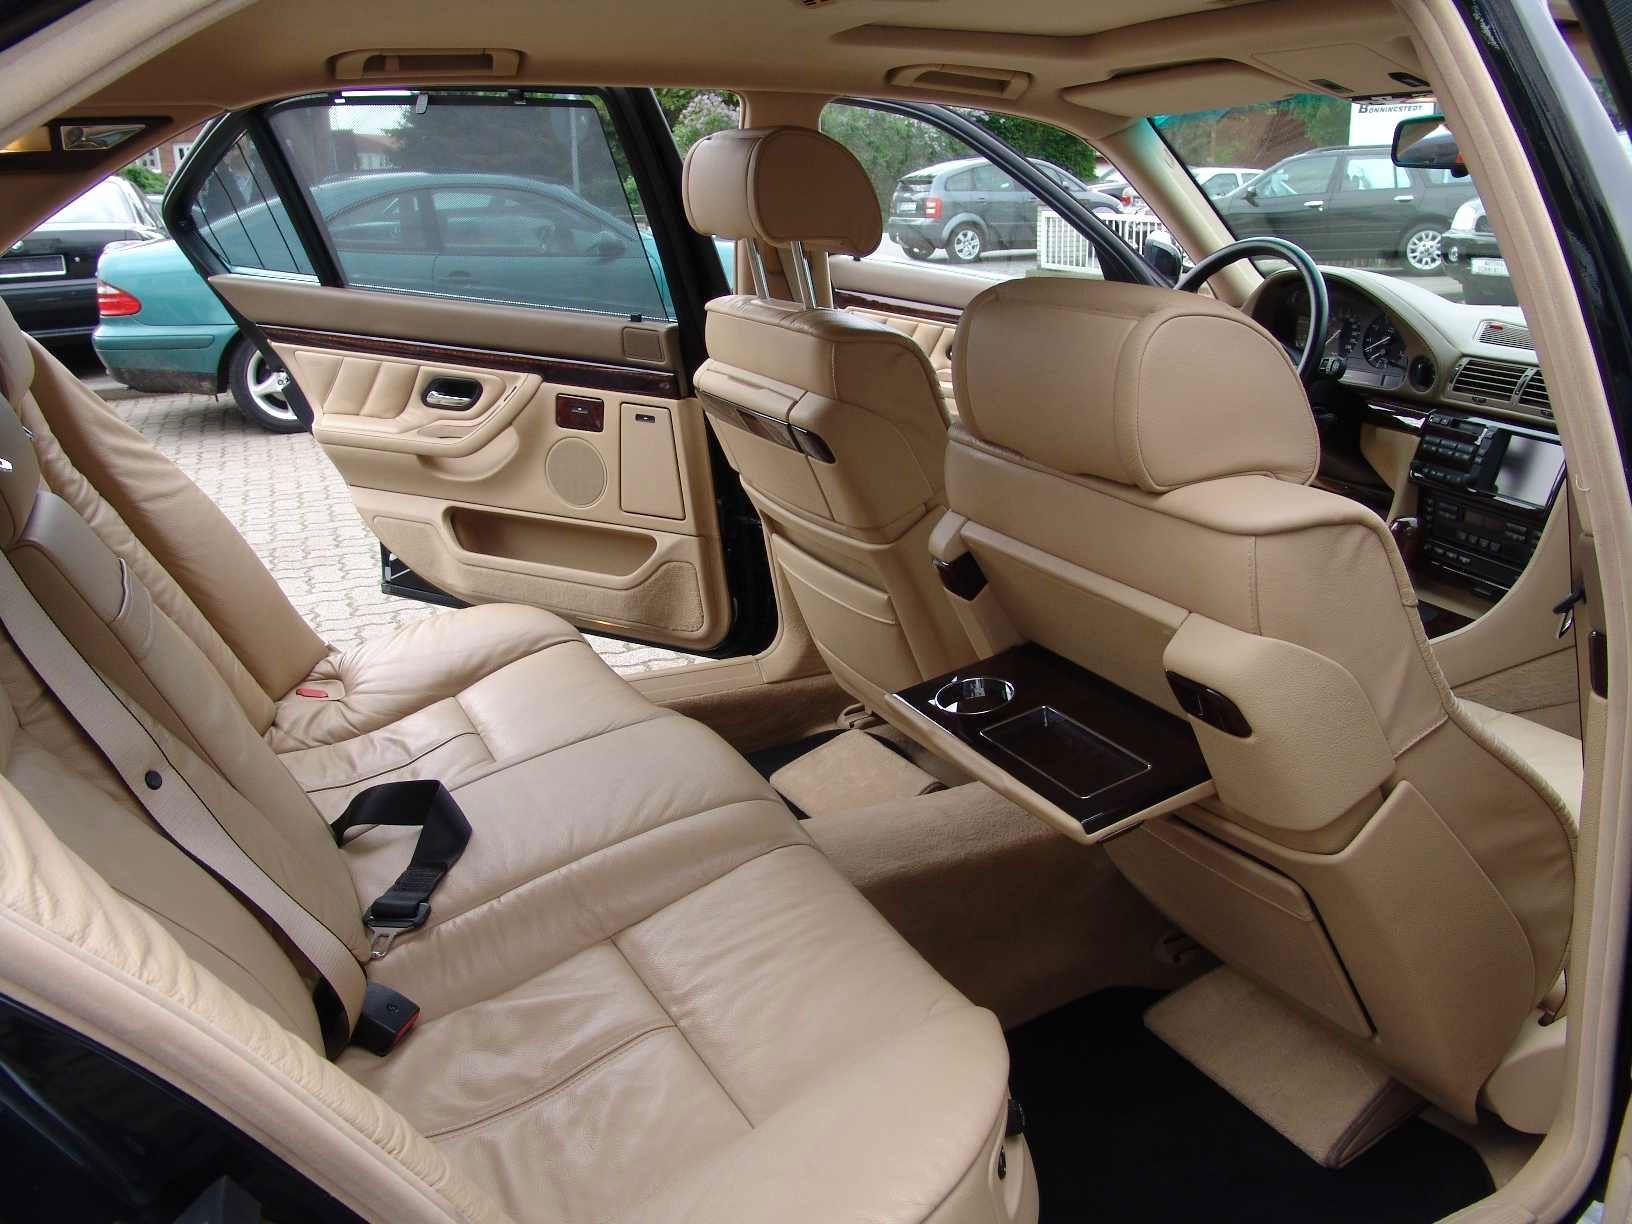 BMW I BMW Pinterest BMW - 730i bmw